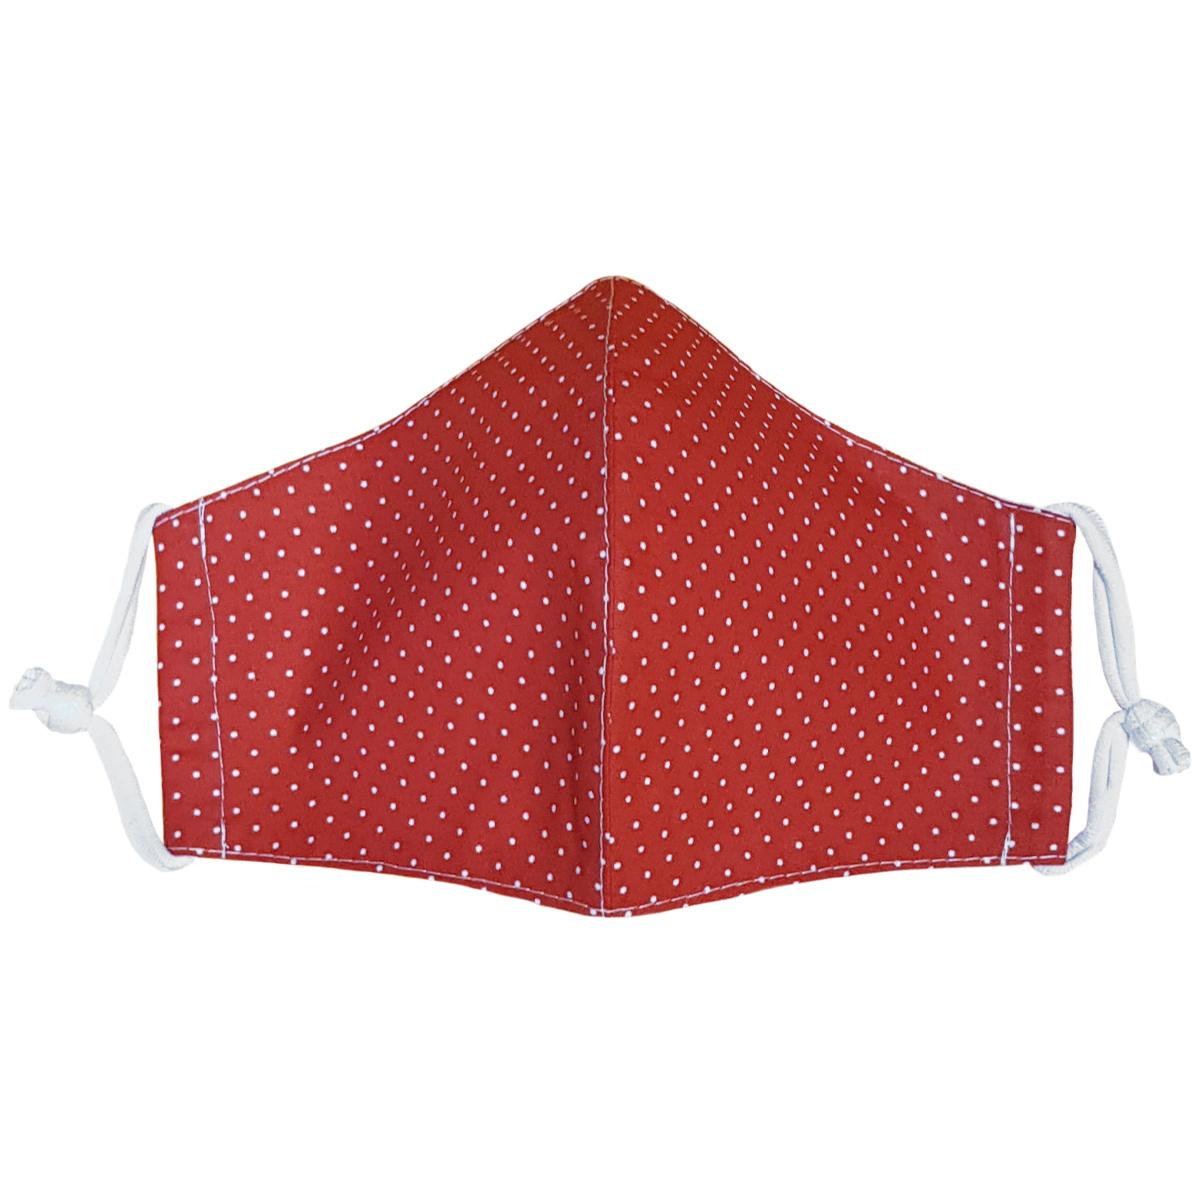 Ústní bavlněná rouška Puntík mini červená - děti 3 - 6 let, XS (3 - 6 let)